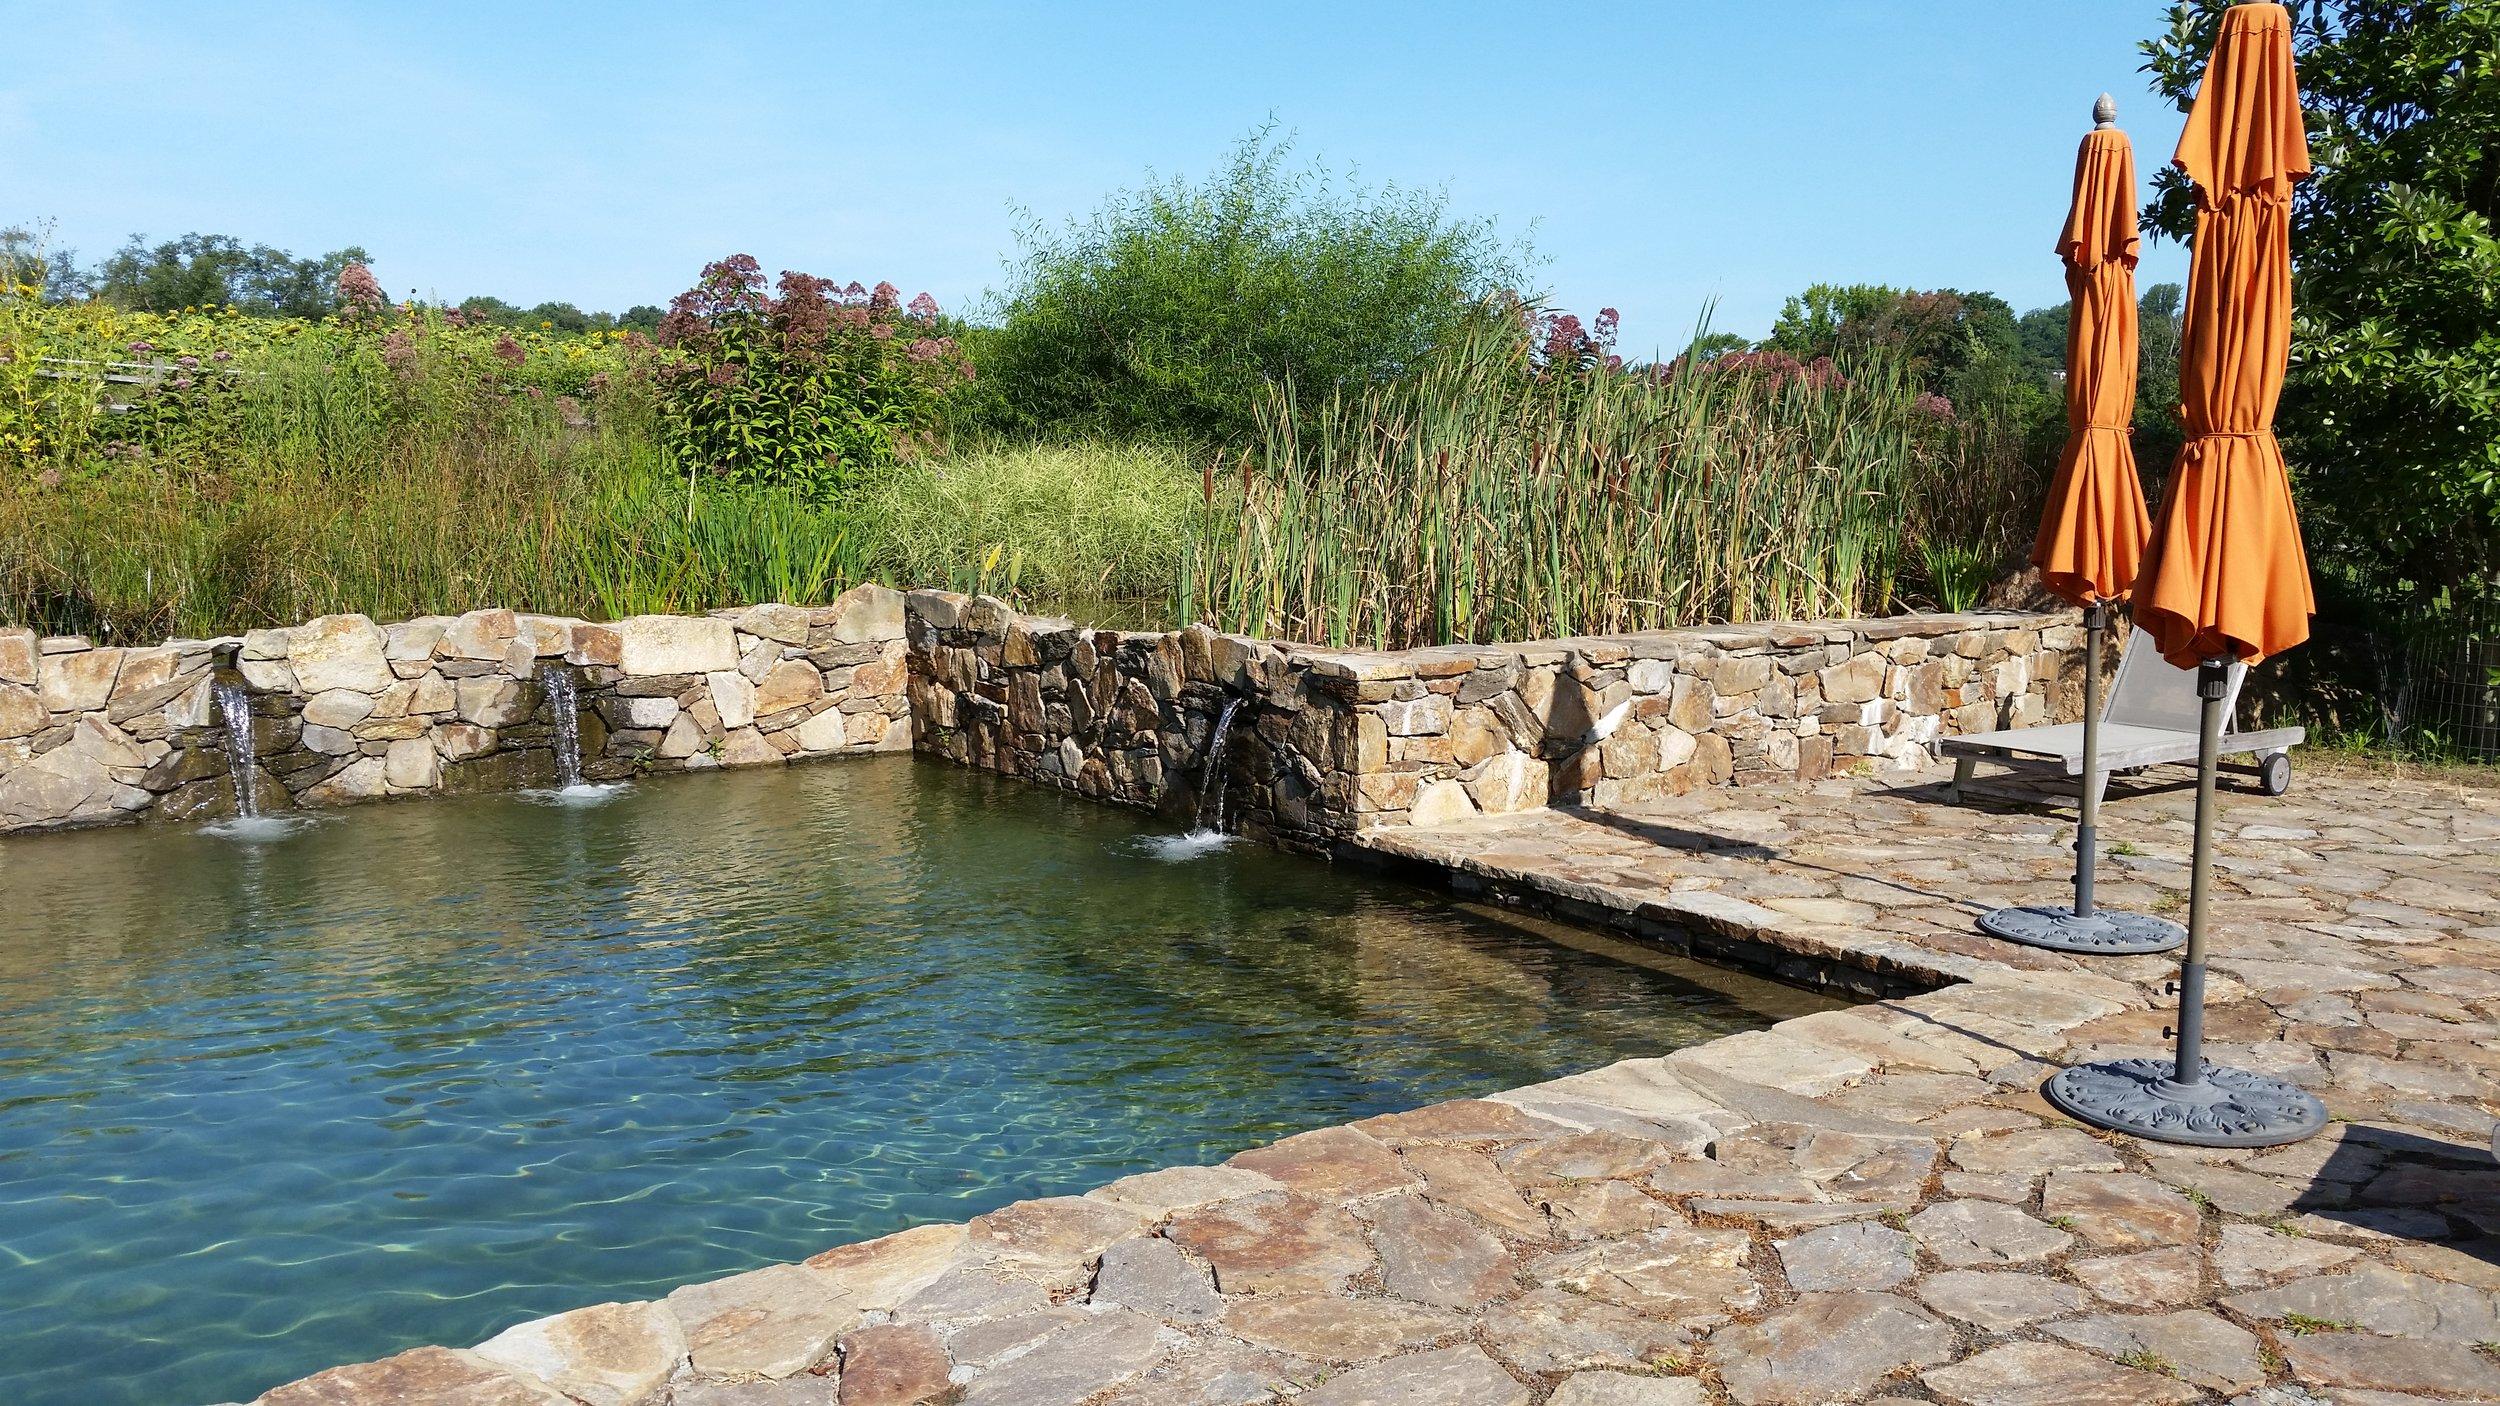 Pondworks_koi pond_koi_fish.jpg